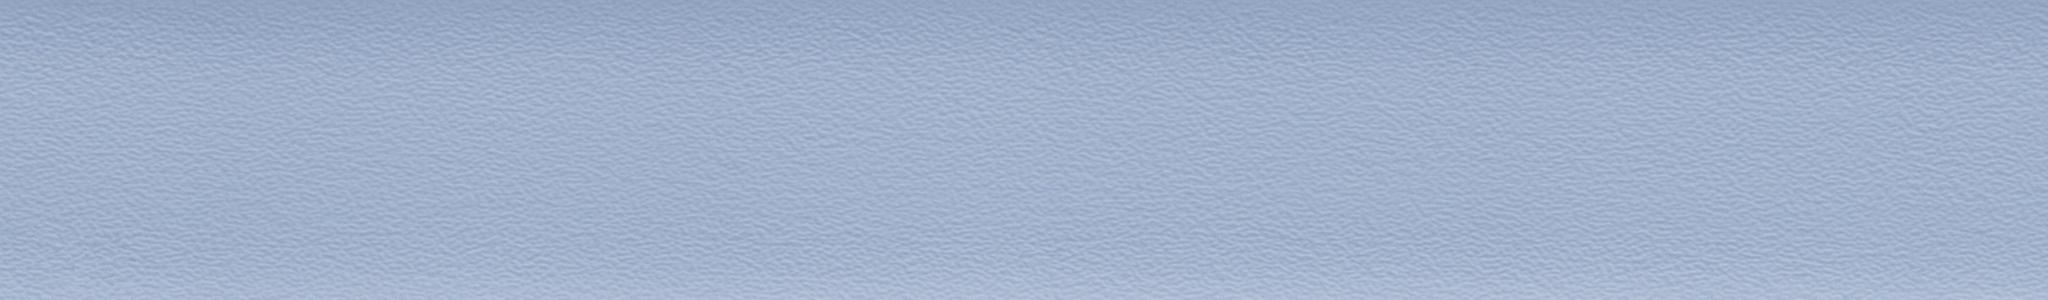 HU 15344 ABS hrana modrá perla 101